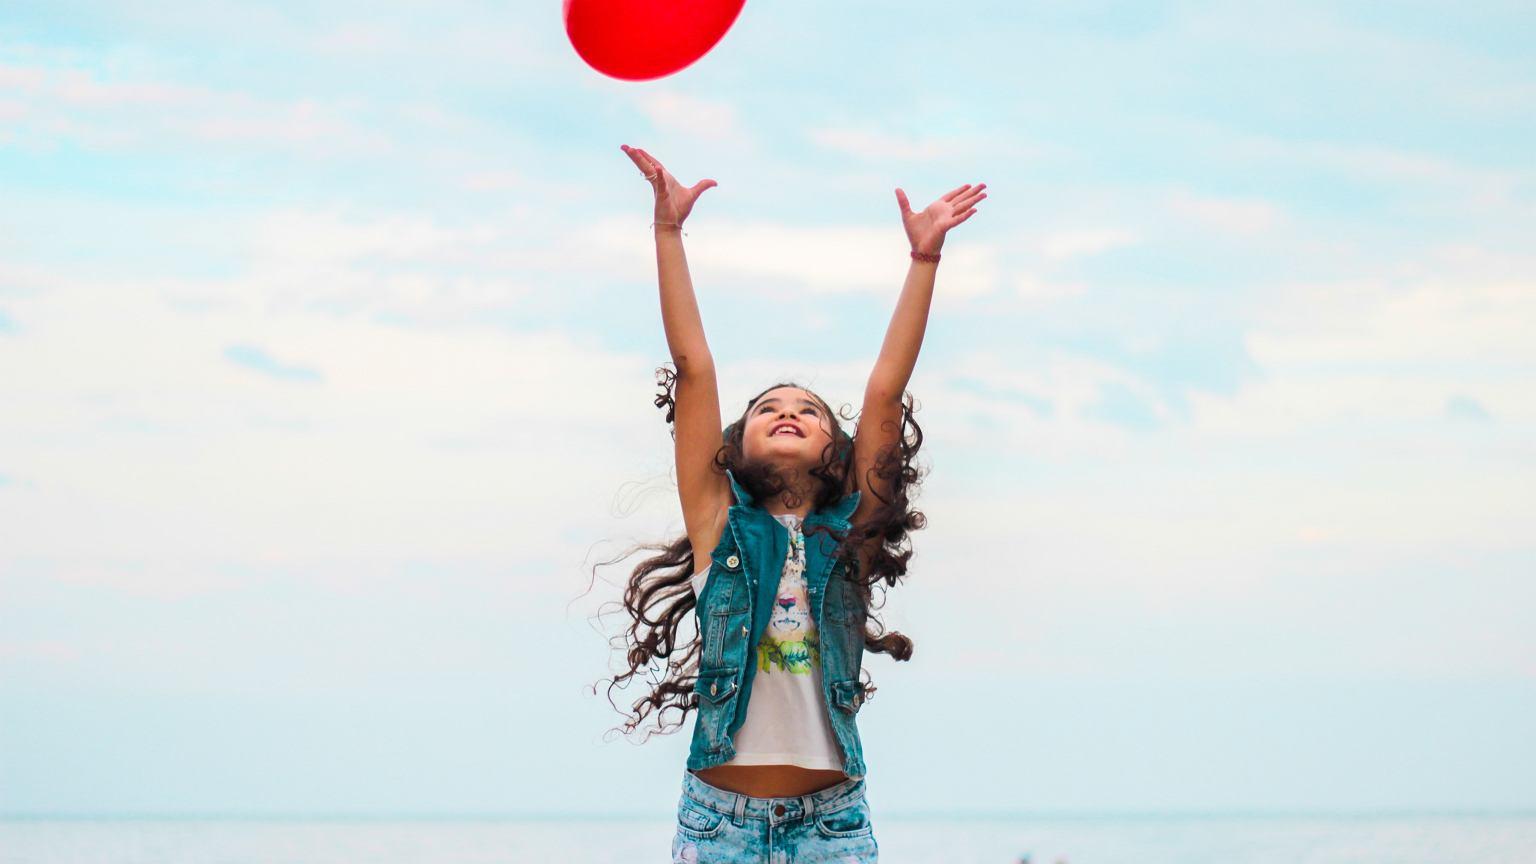 Życzenia na Dzień Dziecka 2020. Wierszyki i rymowanki dla dzieci na 1 czerwca